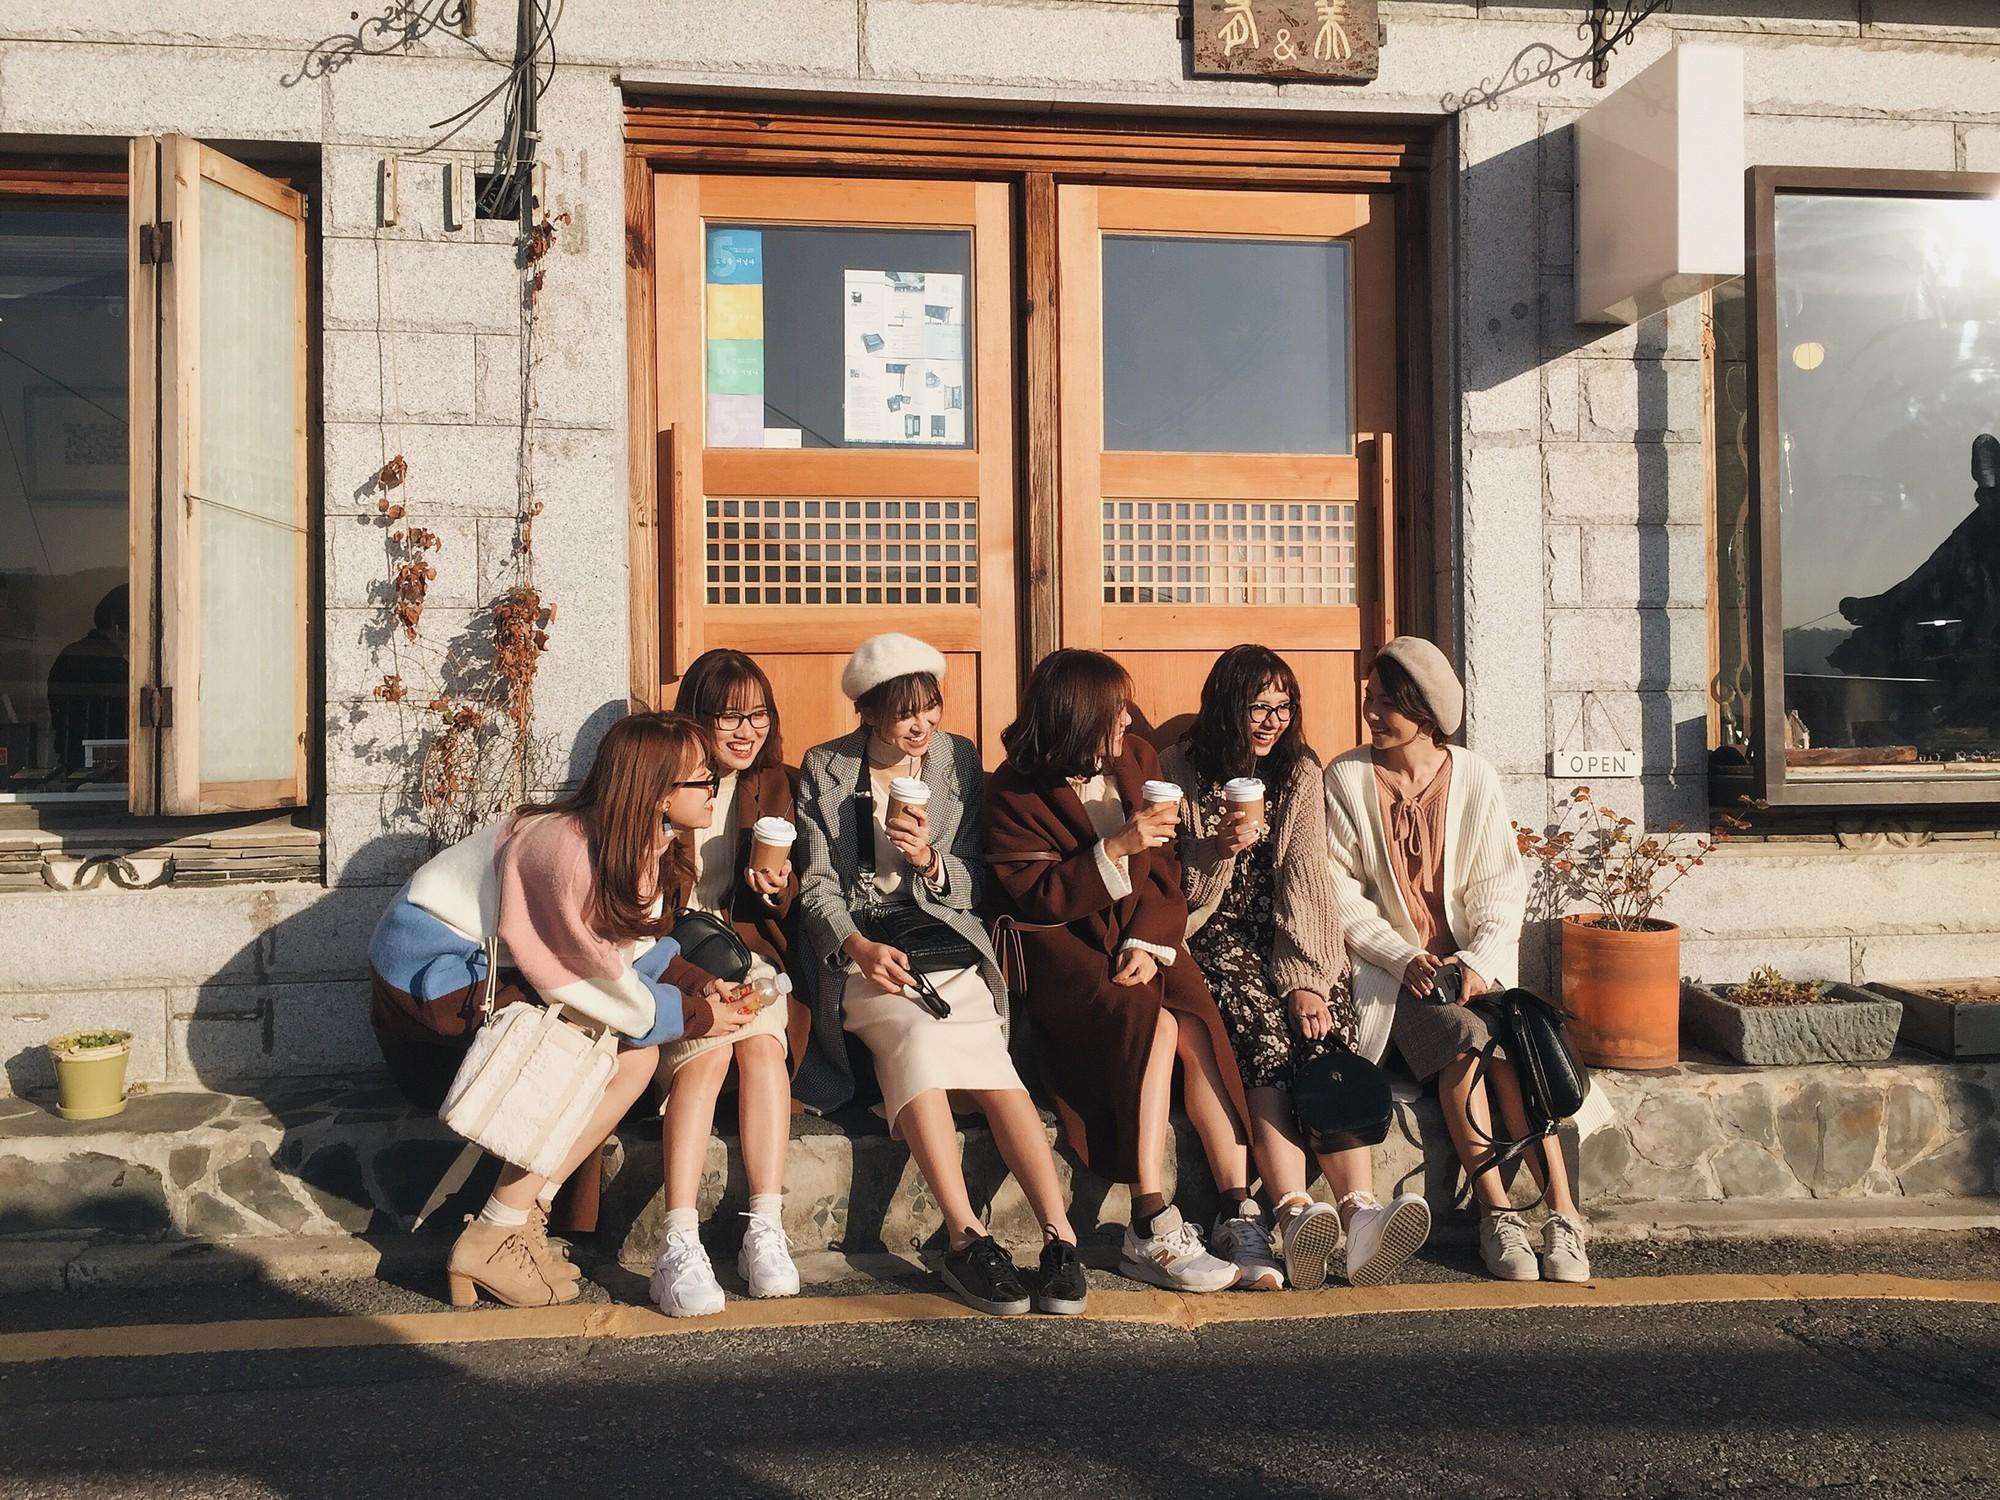 Ảnh đi Hàn tuyệt đẹp của An Toe: Du lịch nhóm, lên concept áo quần quan trọng như... mua vé máy bay! - Ảnh 8.